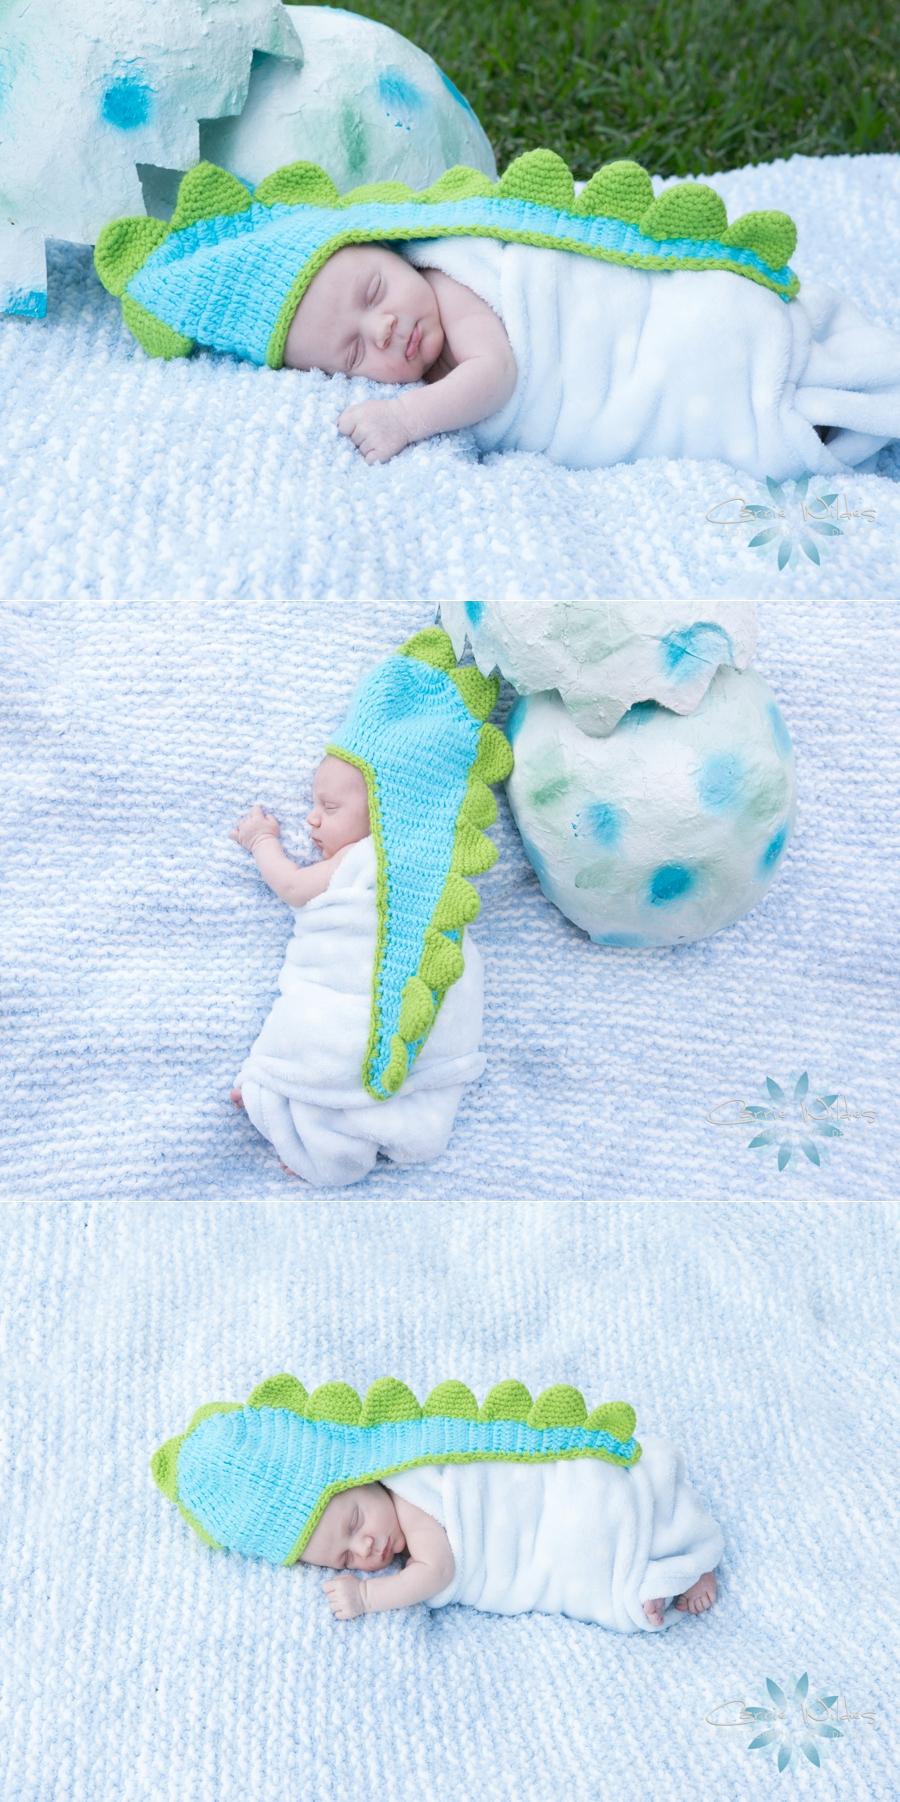 1_26_18 Tampa Newborn Session_0006.jpg